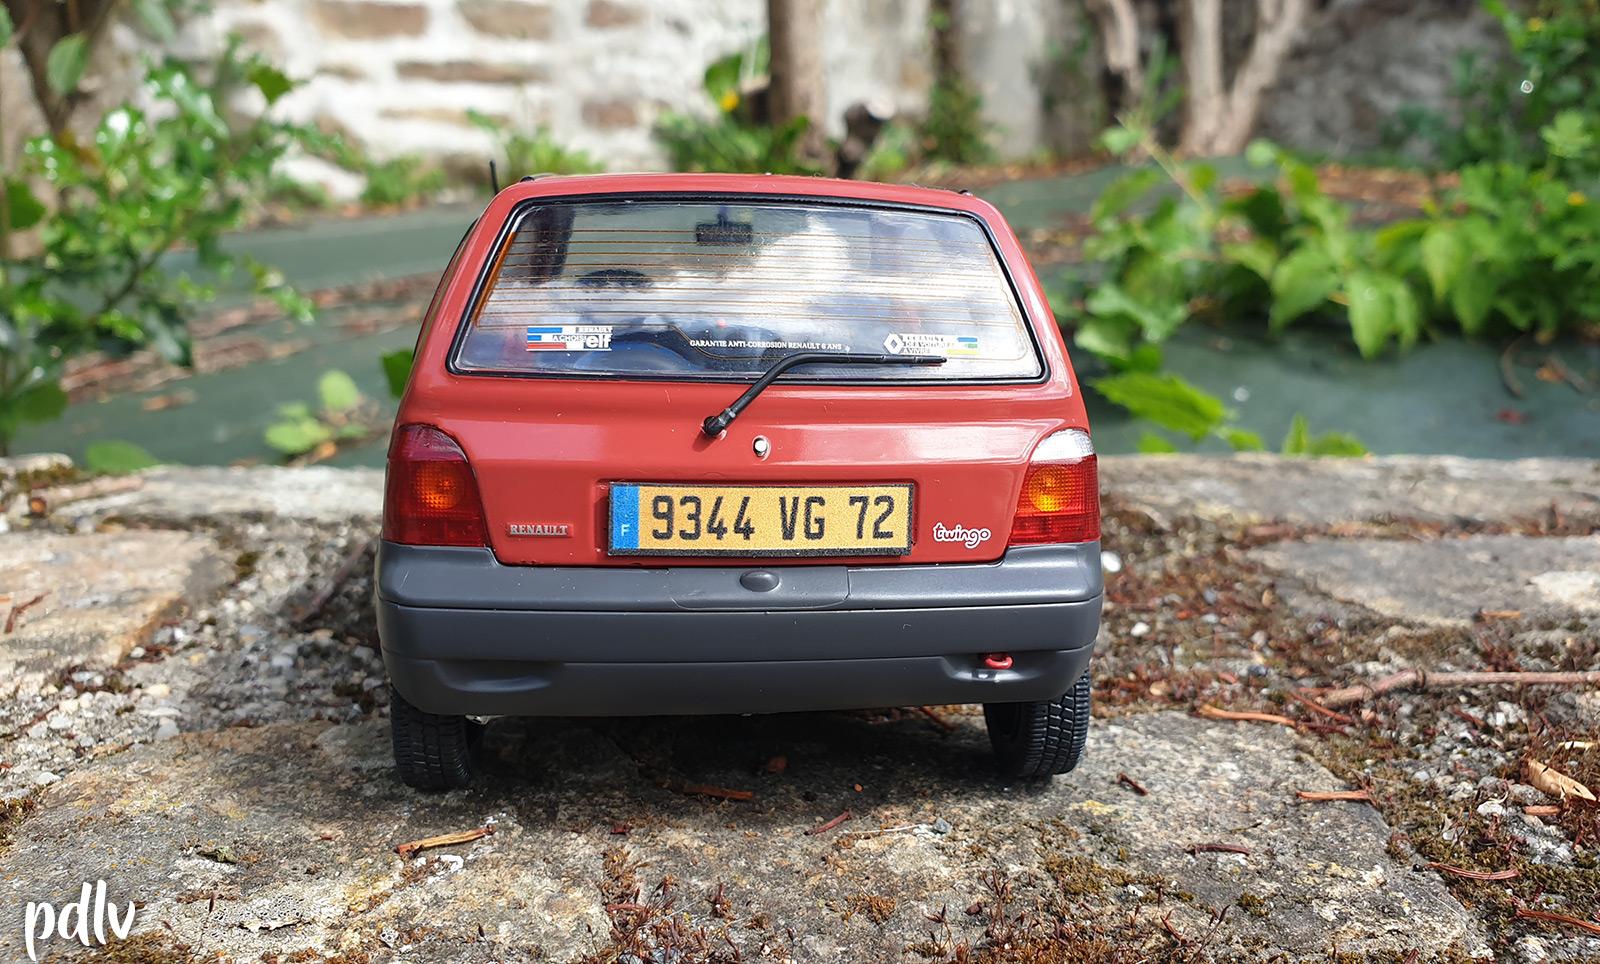 Arrière de la Renault Twingo 1 Solido au 1/18